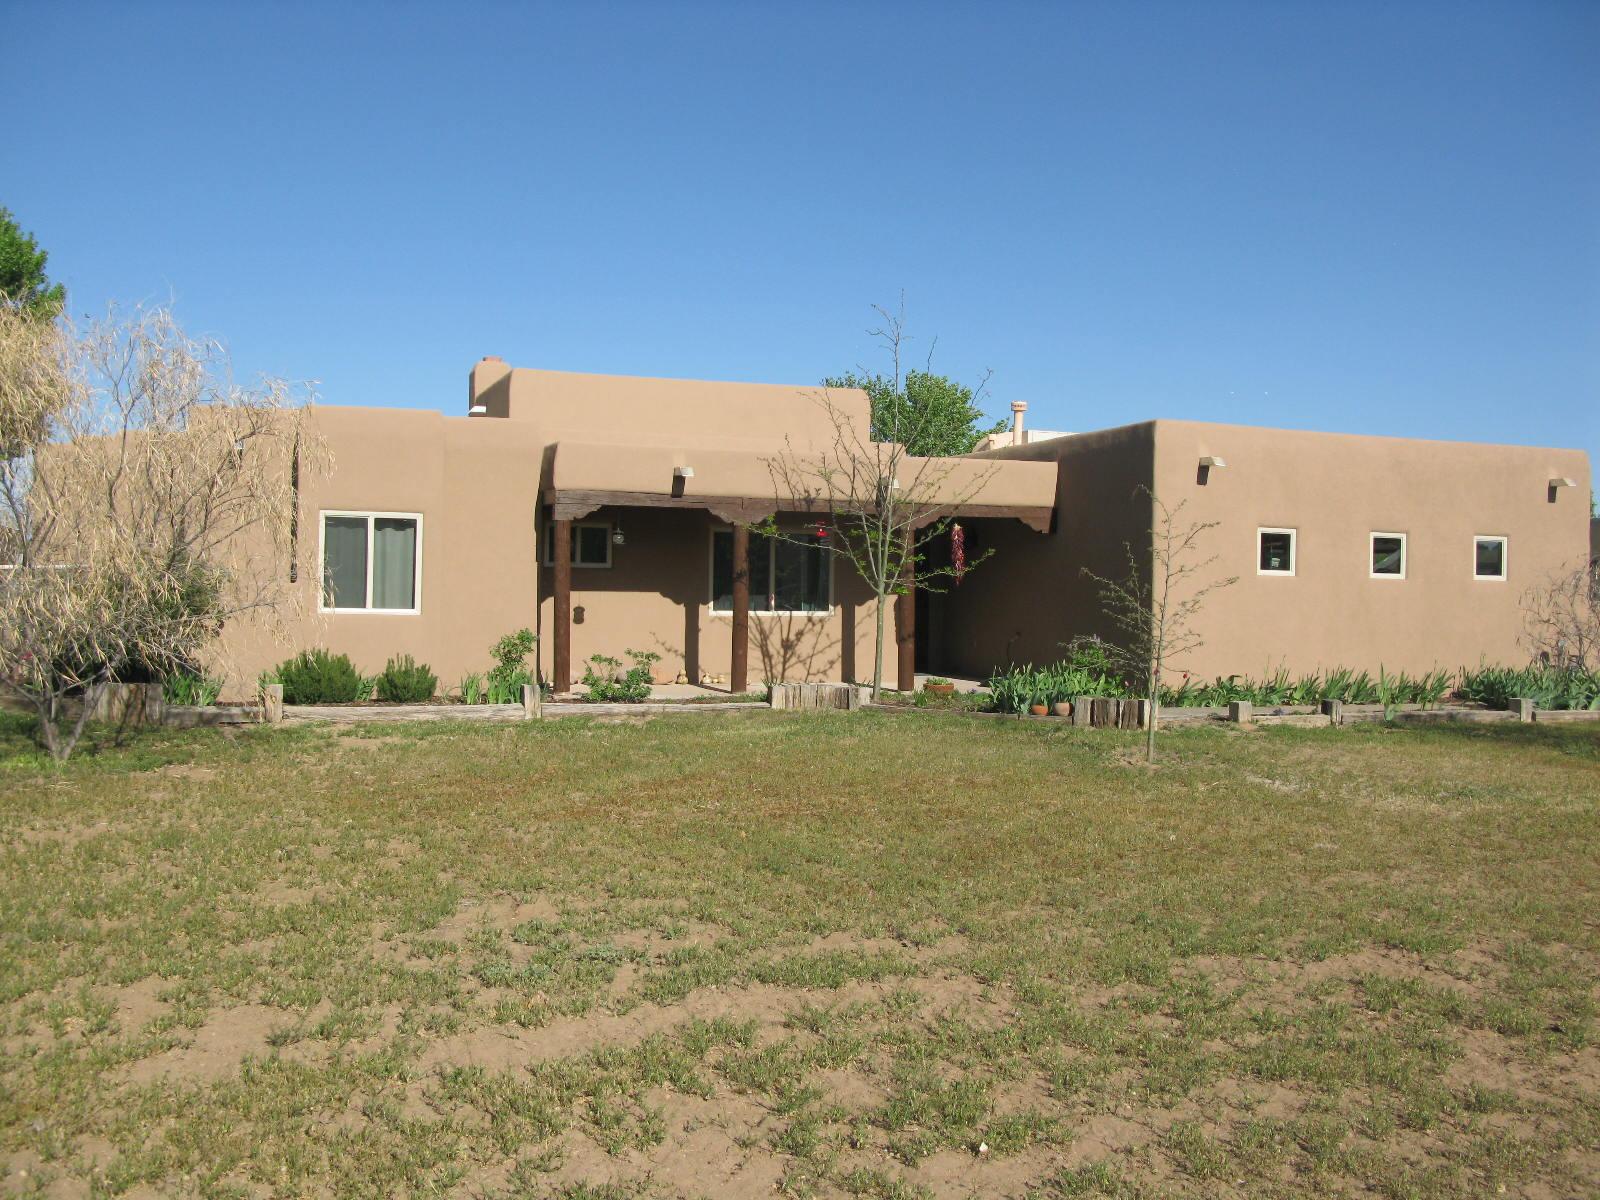 1660 CARPENTER Drive, Bosque Farms, NM 87068 - Bosque Farms, NM real estate listing